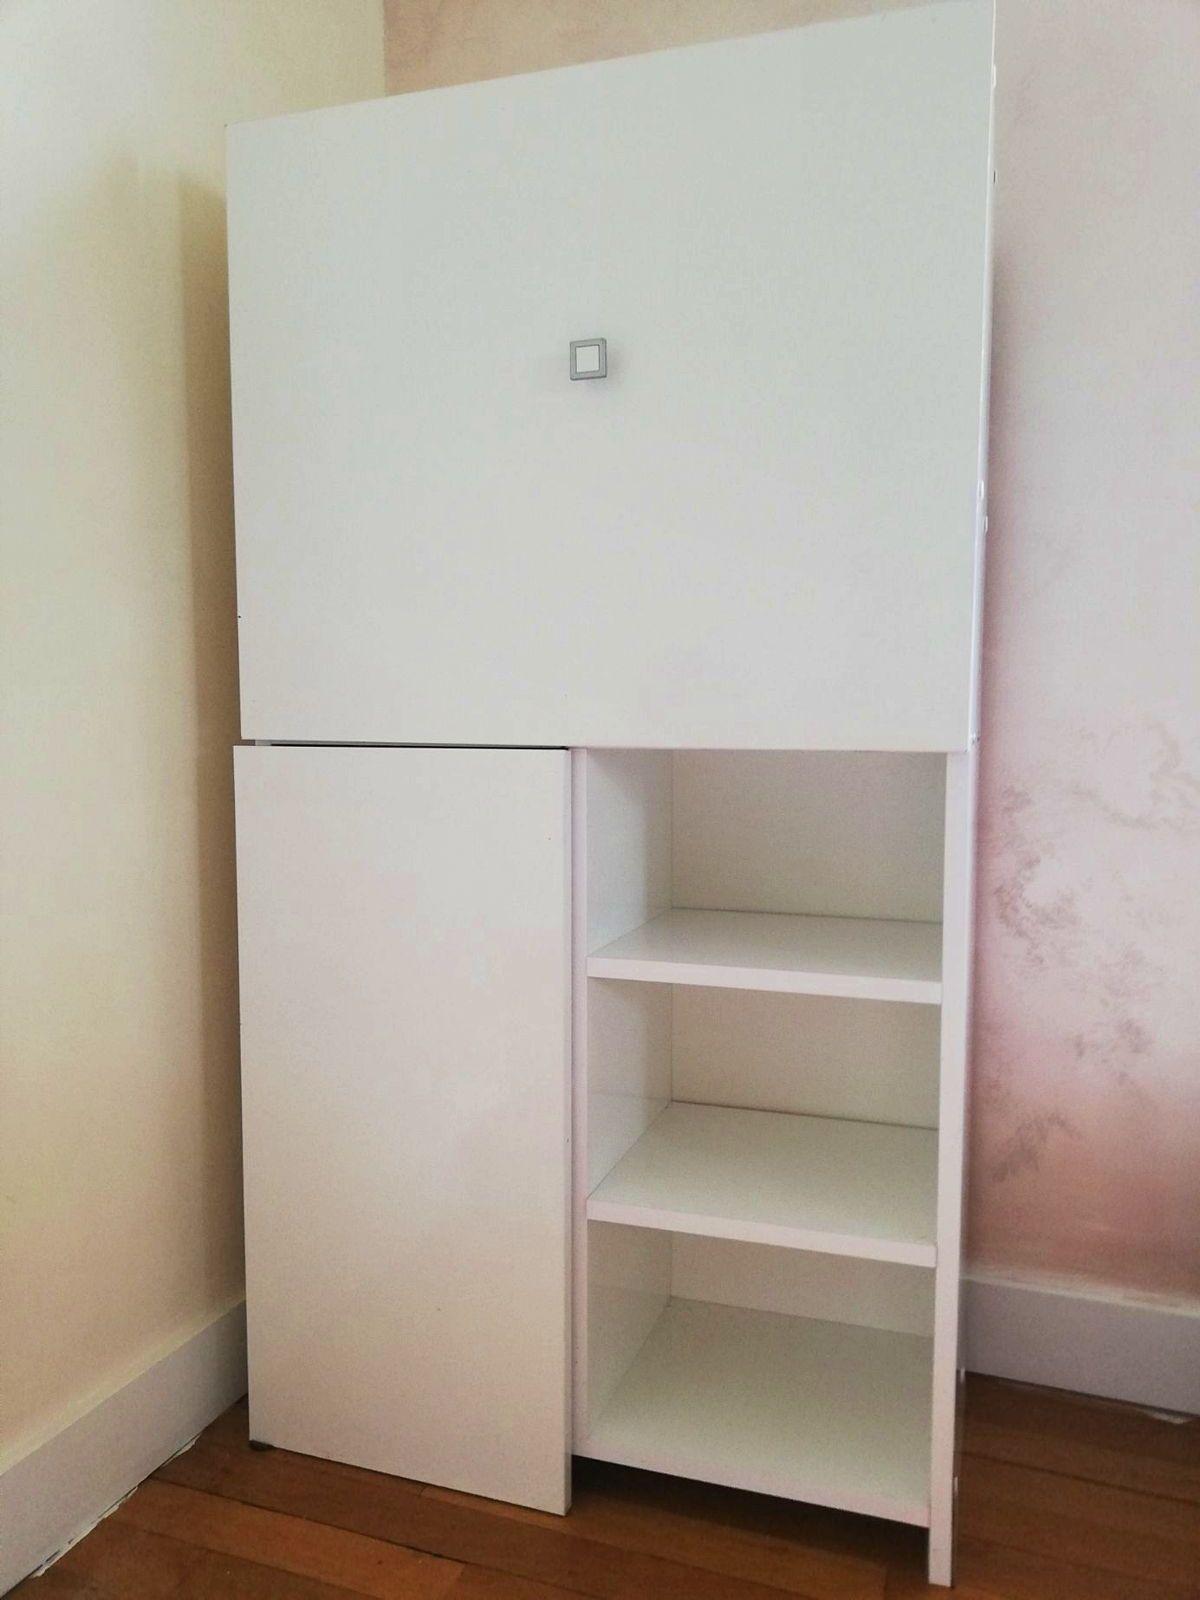 Vends meuble de rangement avec table intégrée